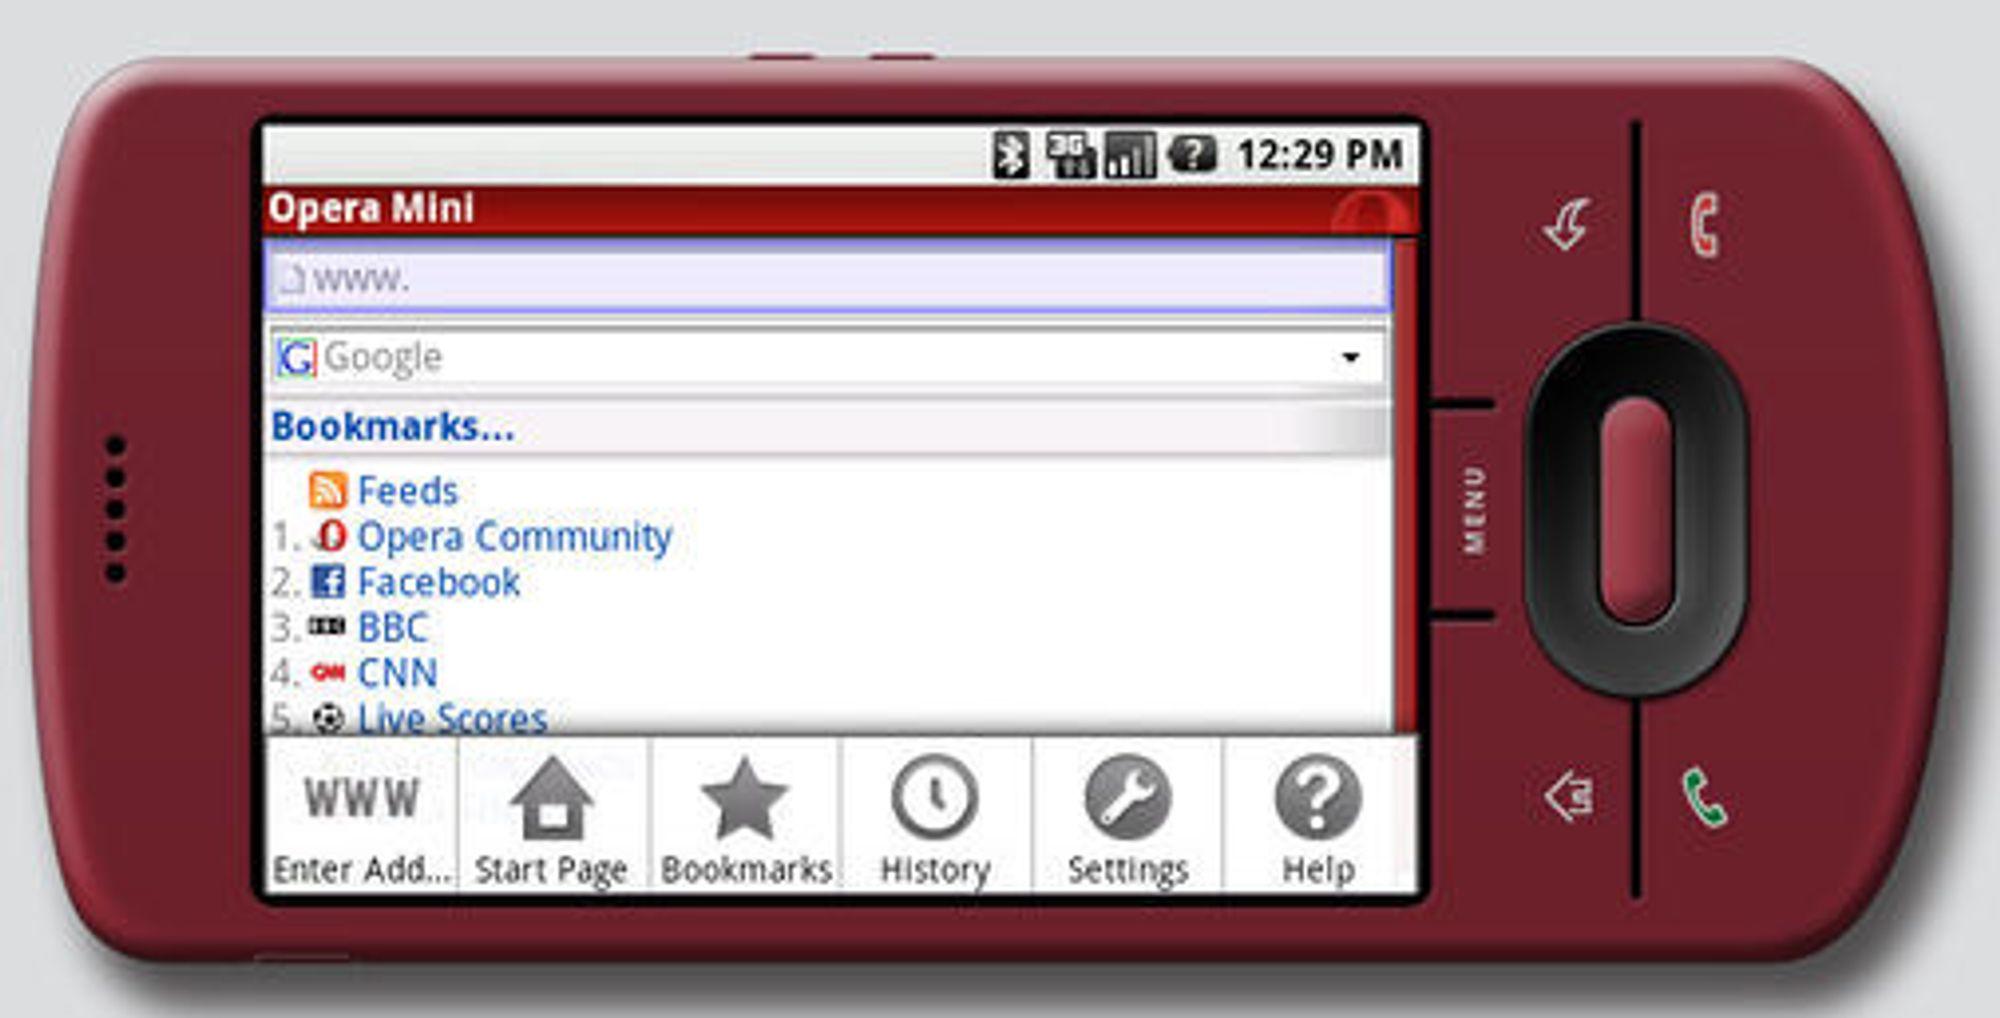 Slik ser Opera Mini ut på en Android-basert mobil.